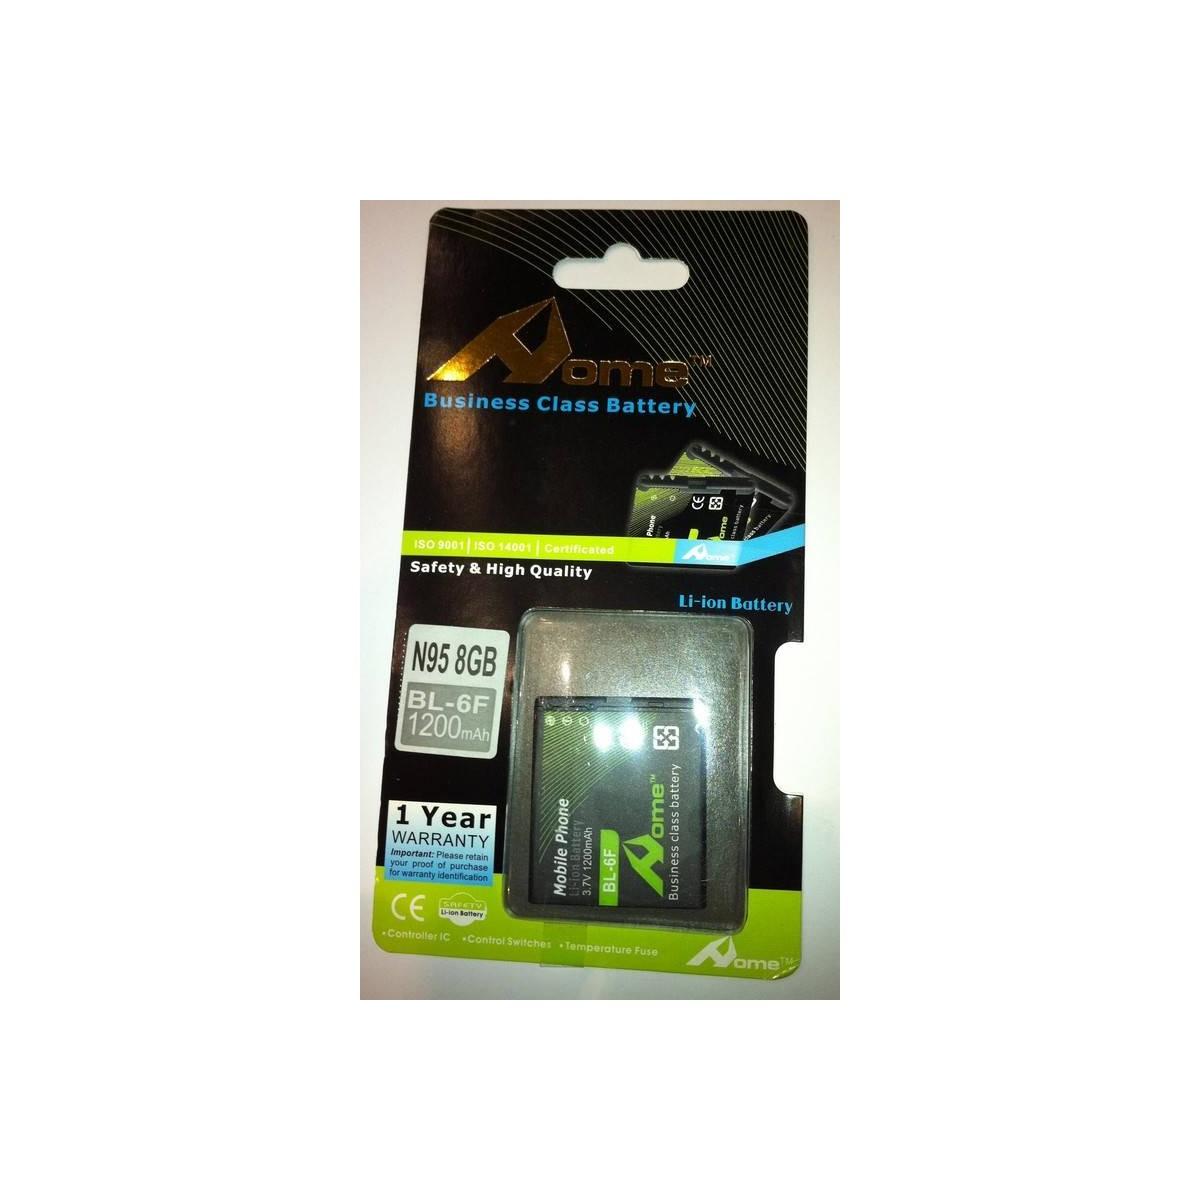 Nokia N95 8GB bateria BL-6F (BL6F) 1200 M/AH